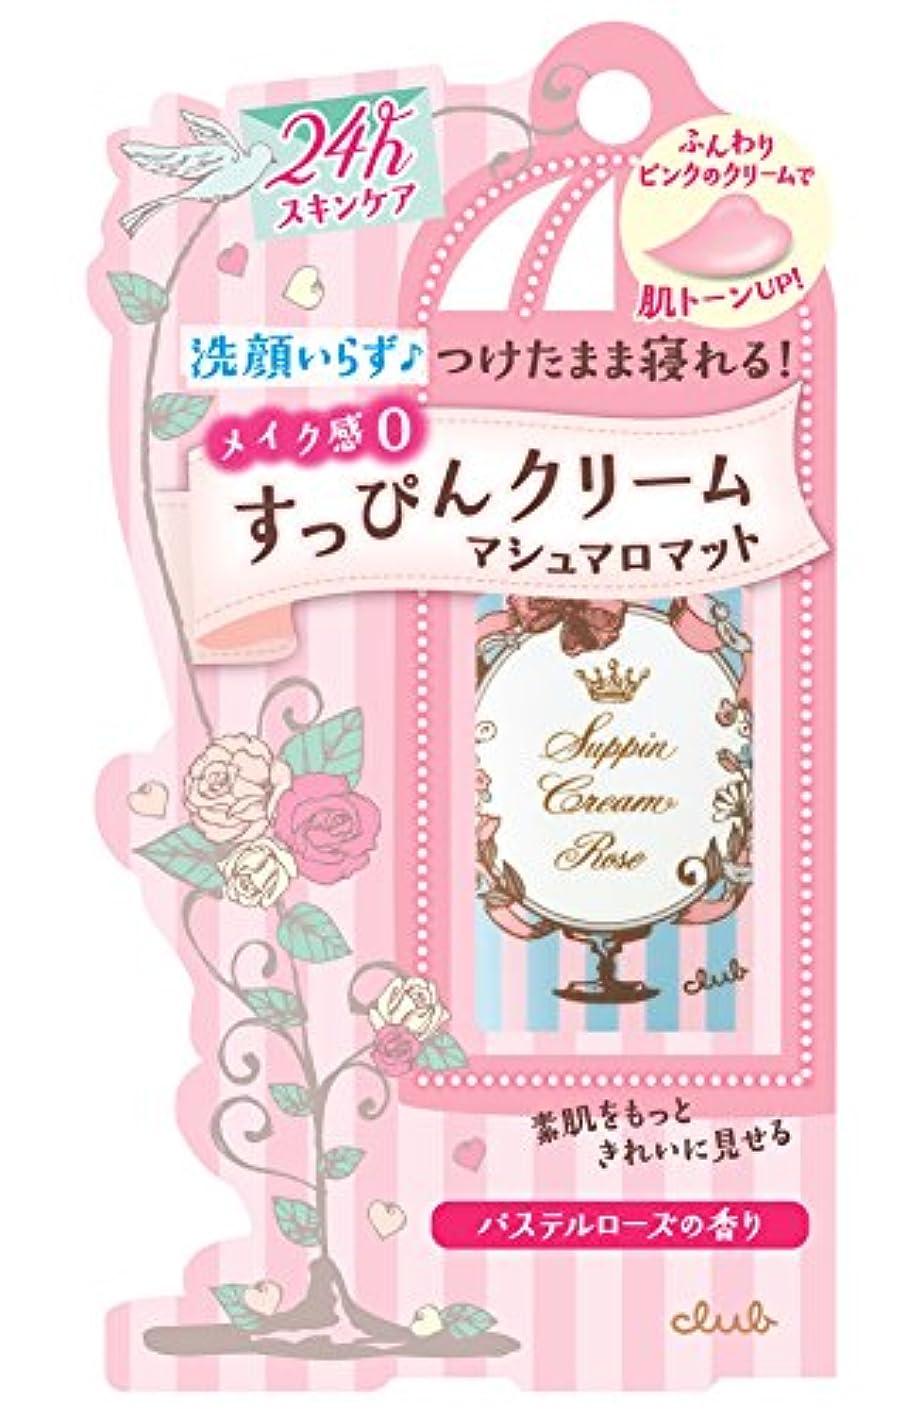 溶かす近く家具クラブ すっぴんクリーム マシュマロマット パステルローズの香り 30g